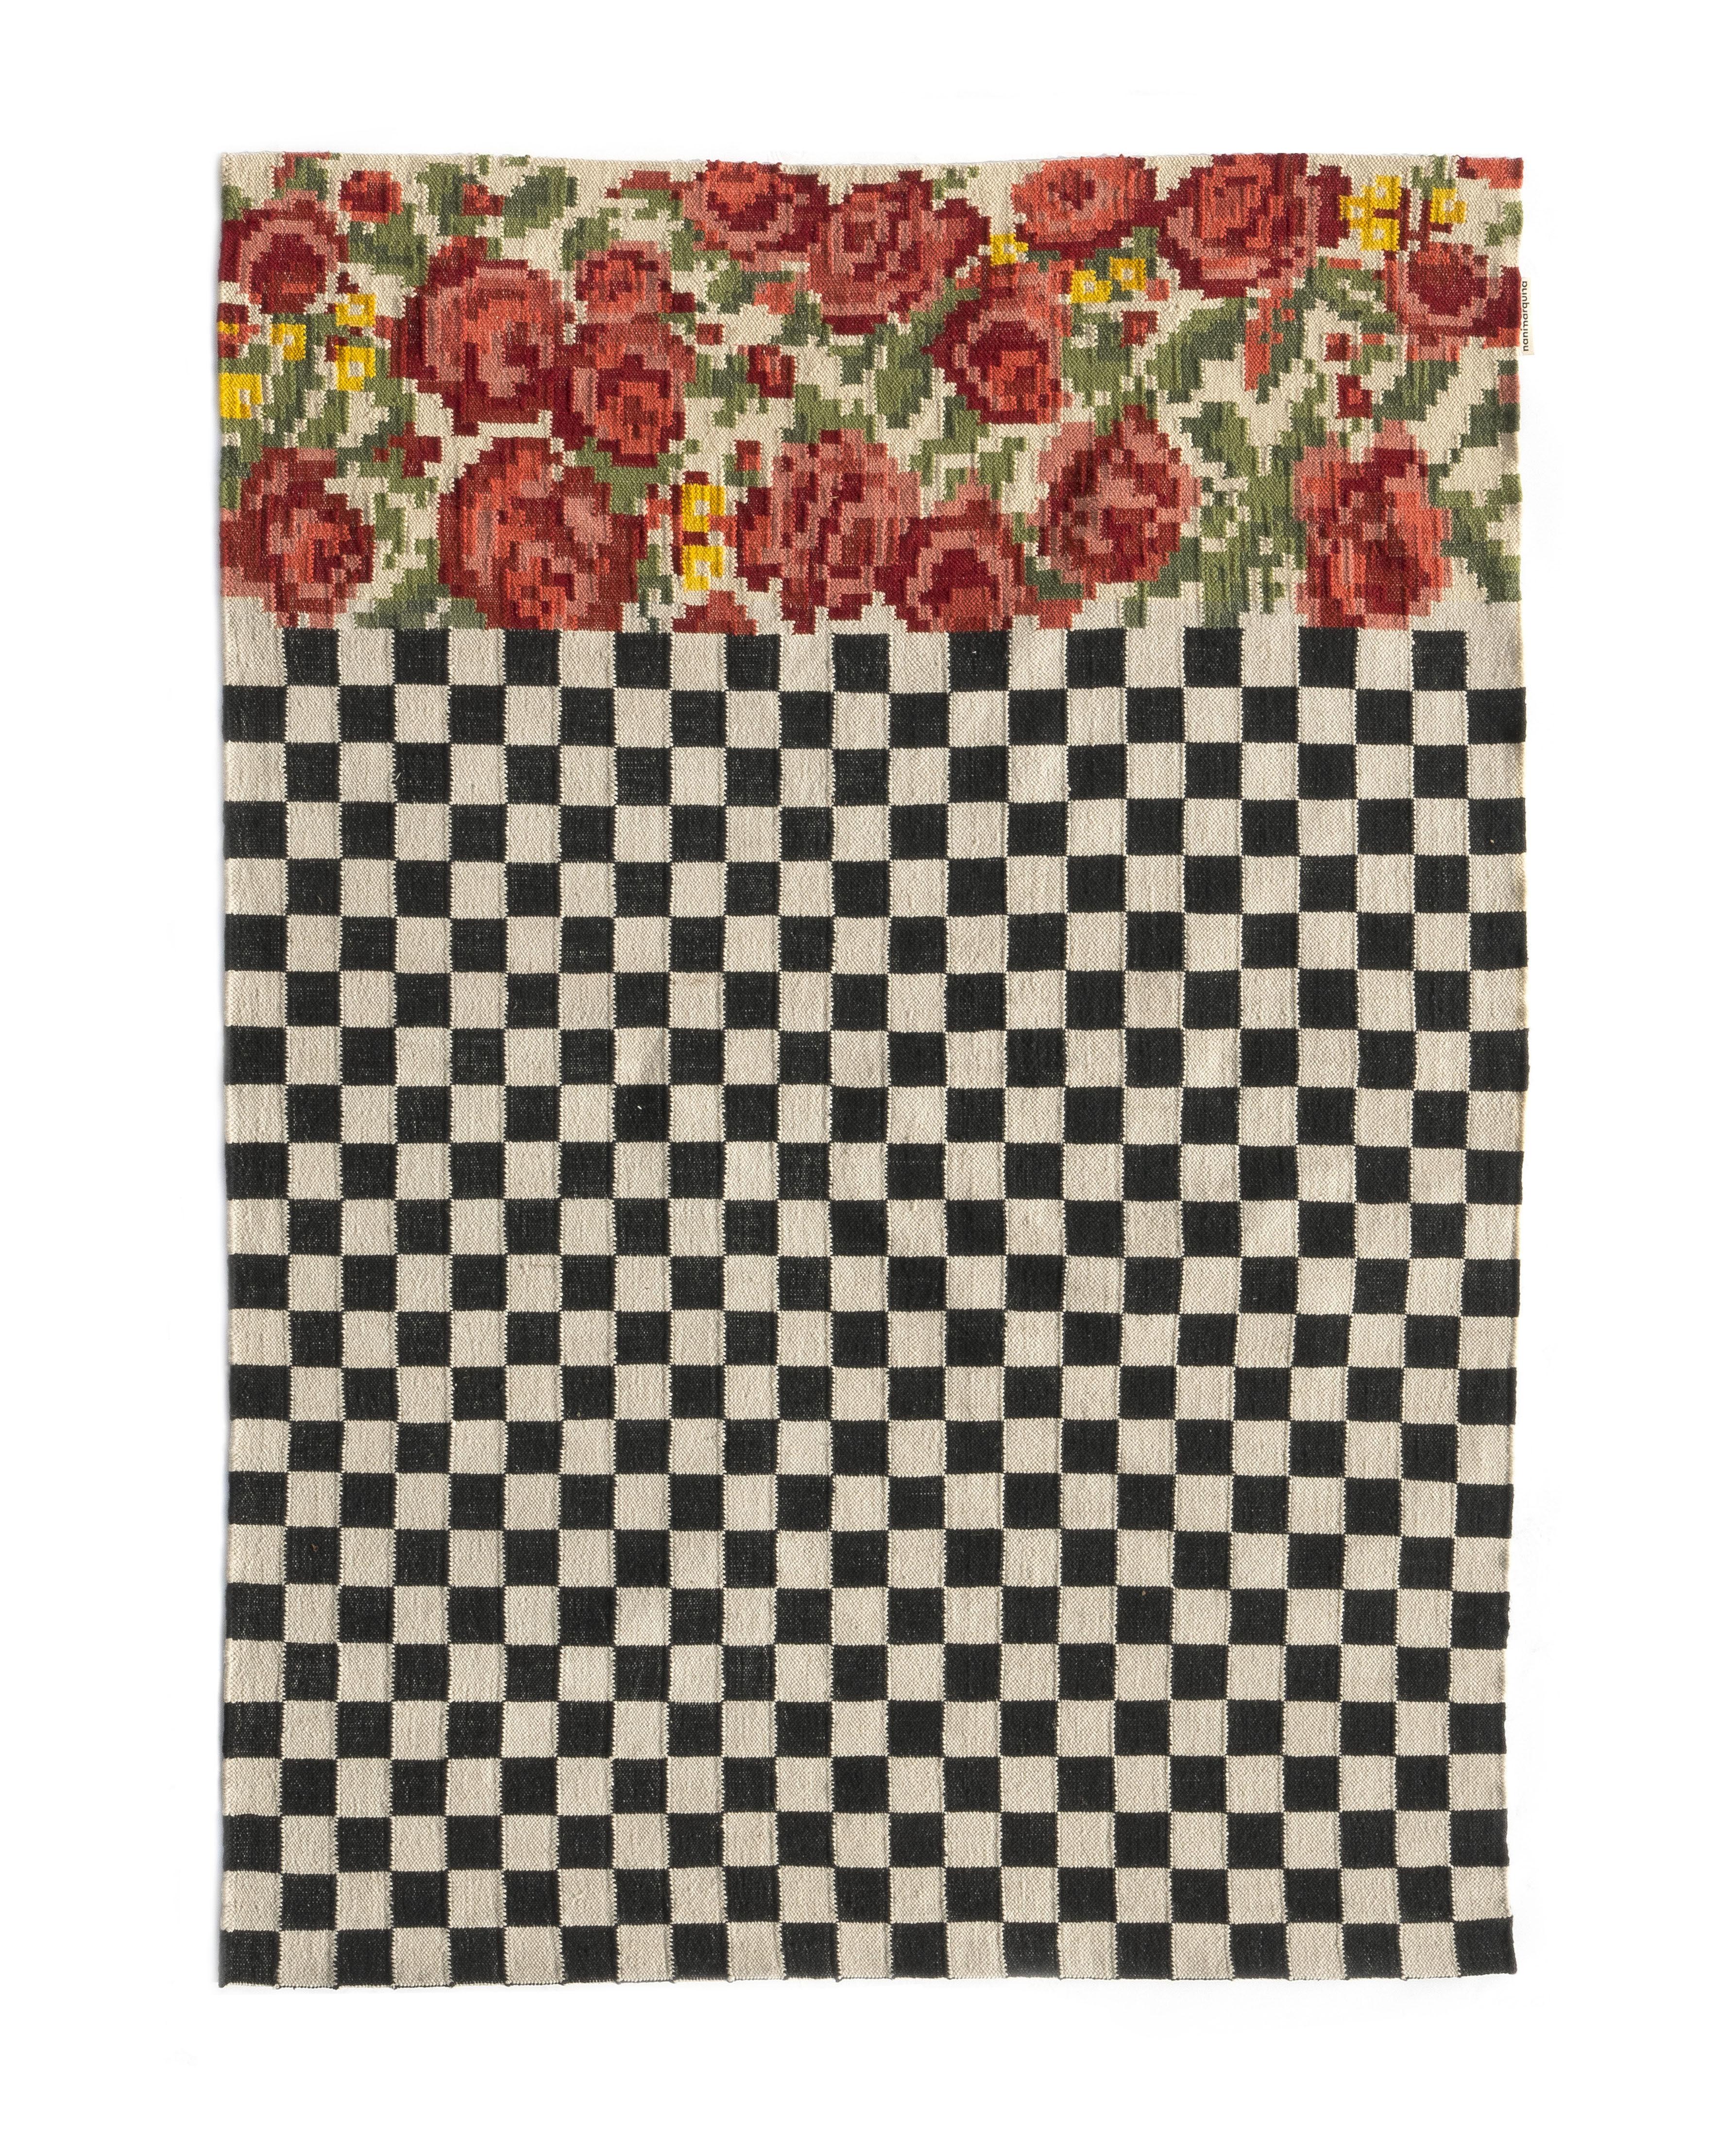 Dekoration - Teppiche - Oaxaca Außenteppich / Handgewebt - 170 x 240 cm - Nanimarquina - 170 x 240 cm / Schwarz & weiß - Polyäthylen